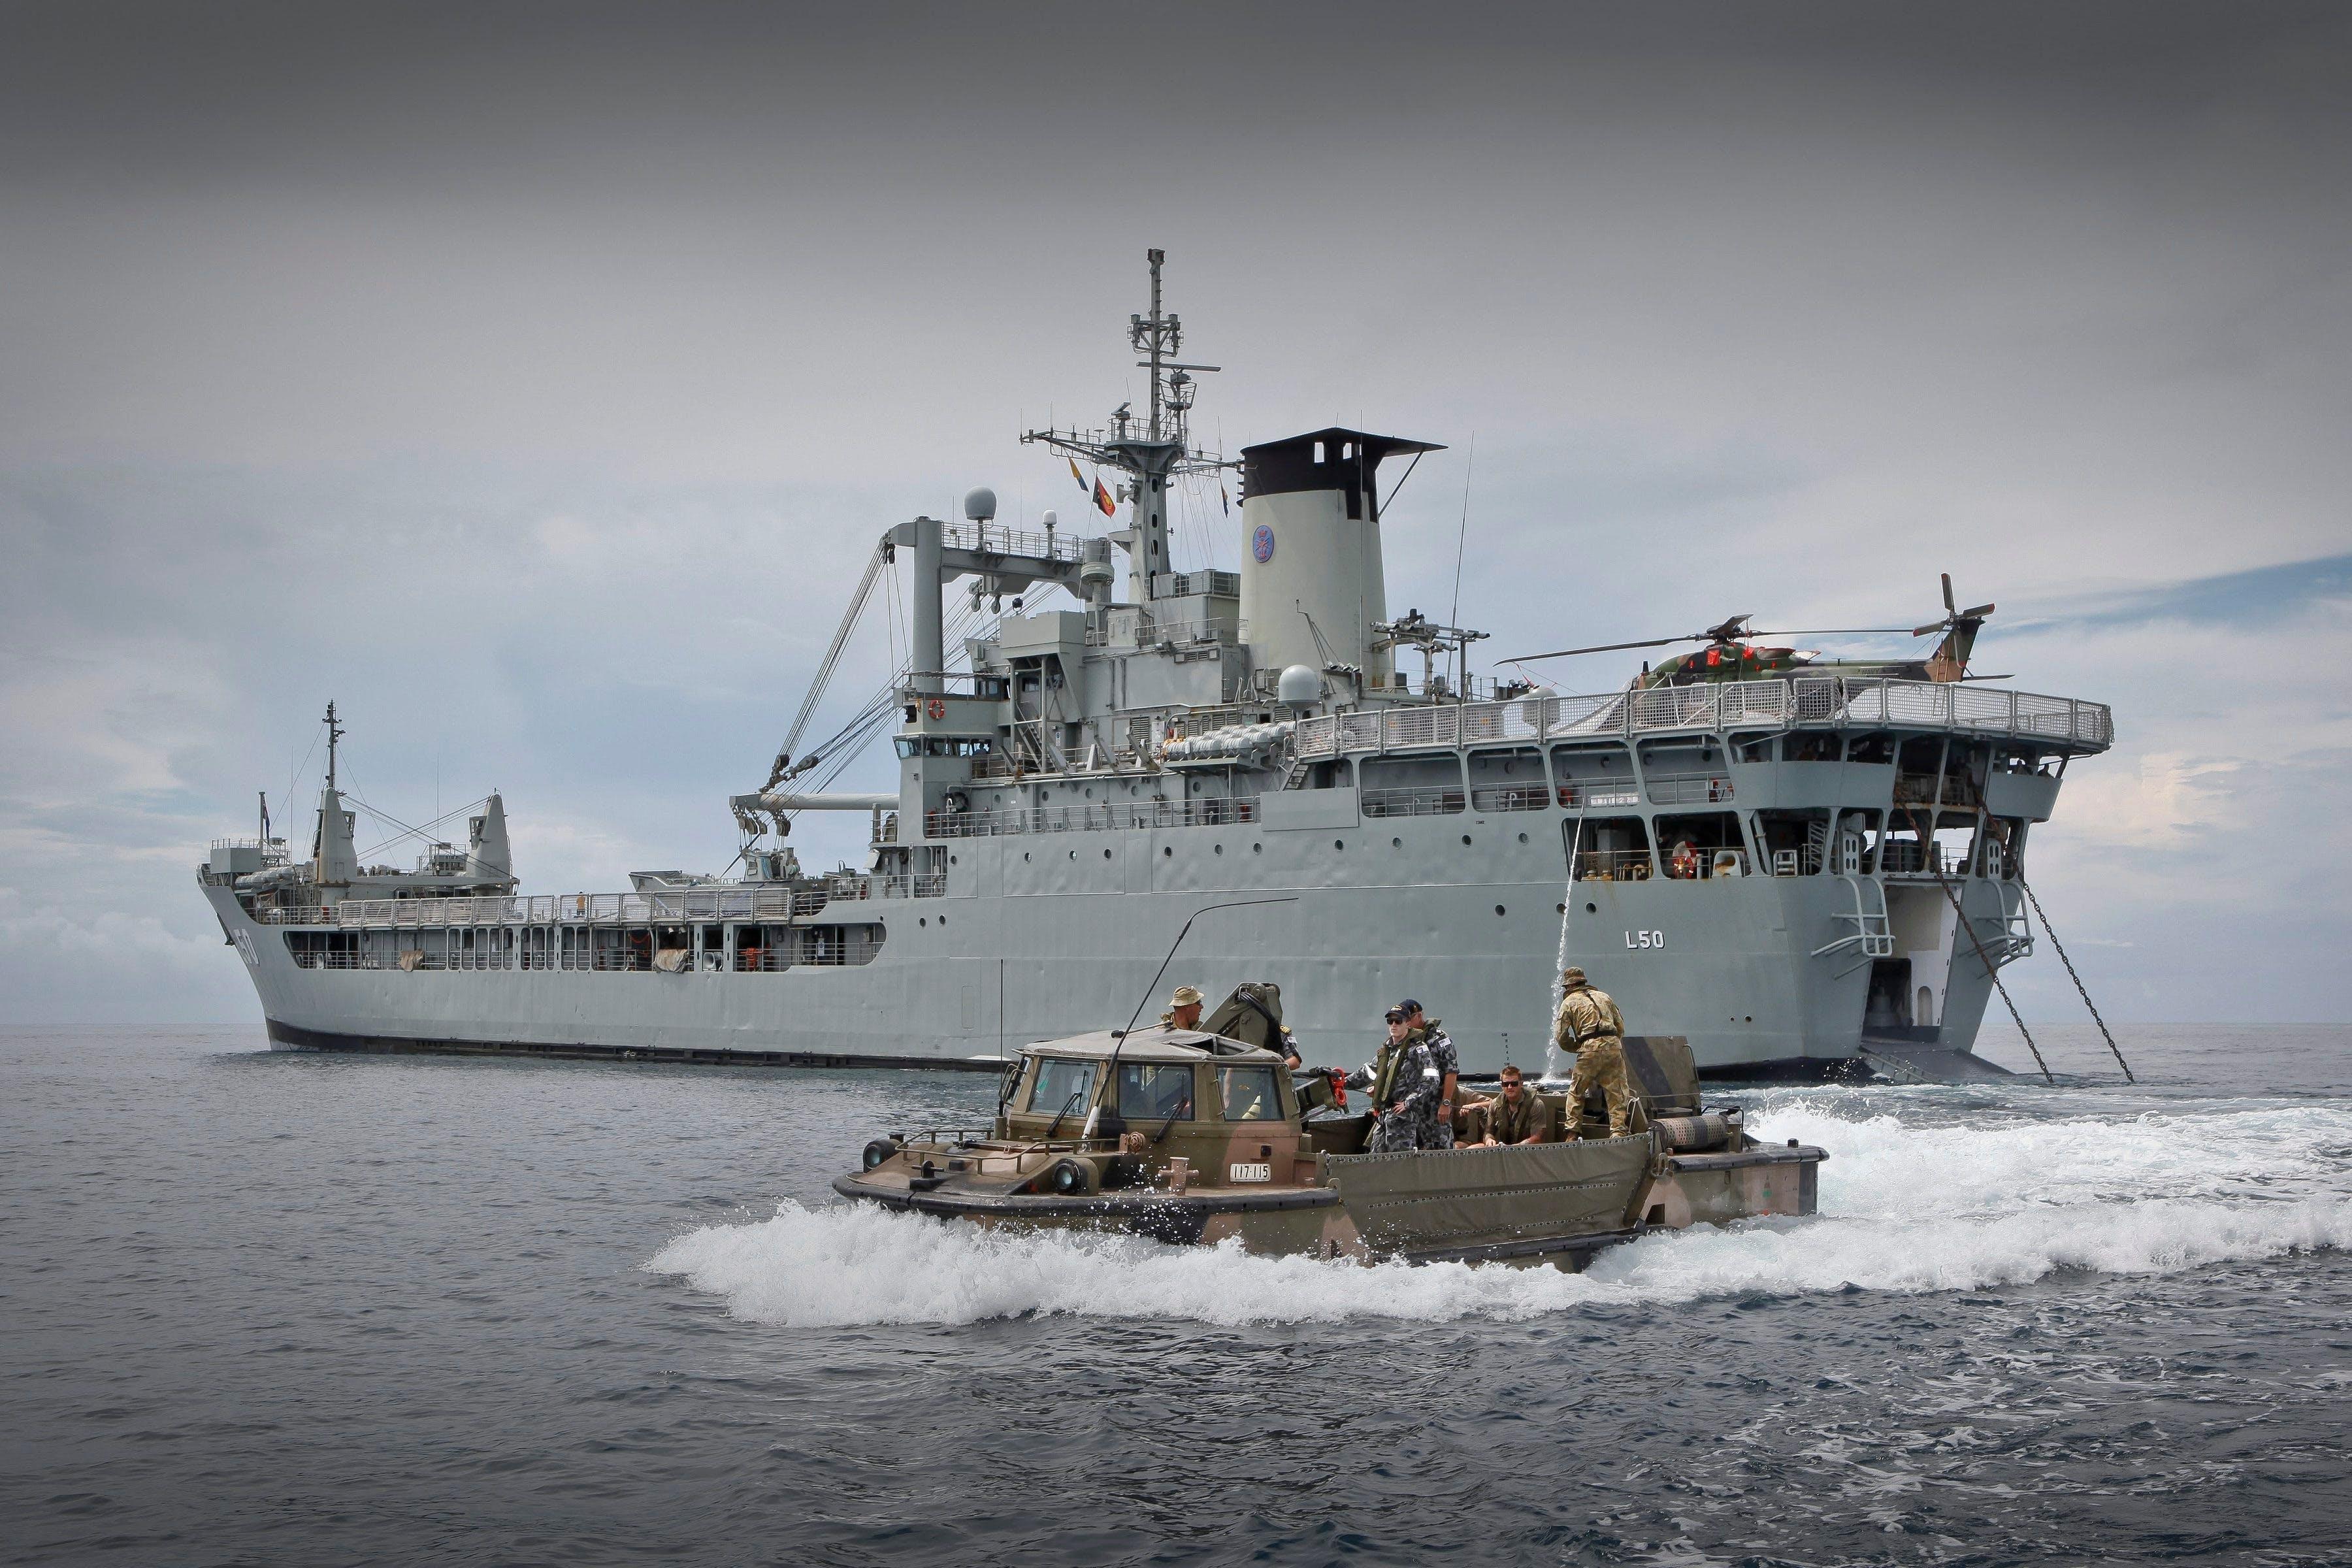 HMAS Tobruk Dive Logo and Images